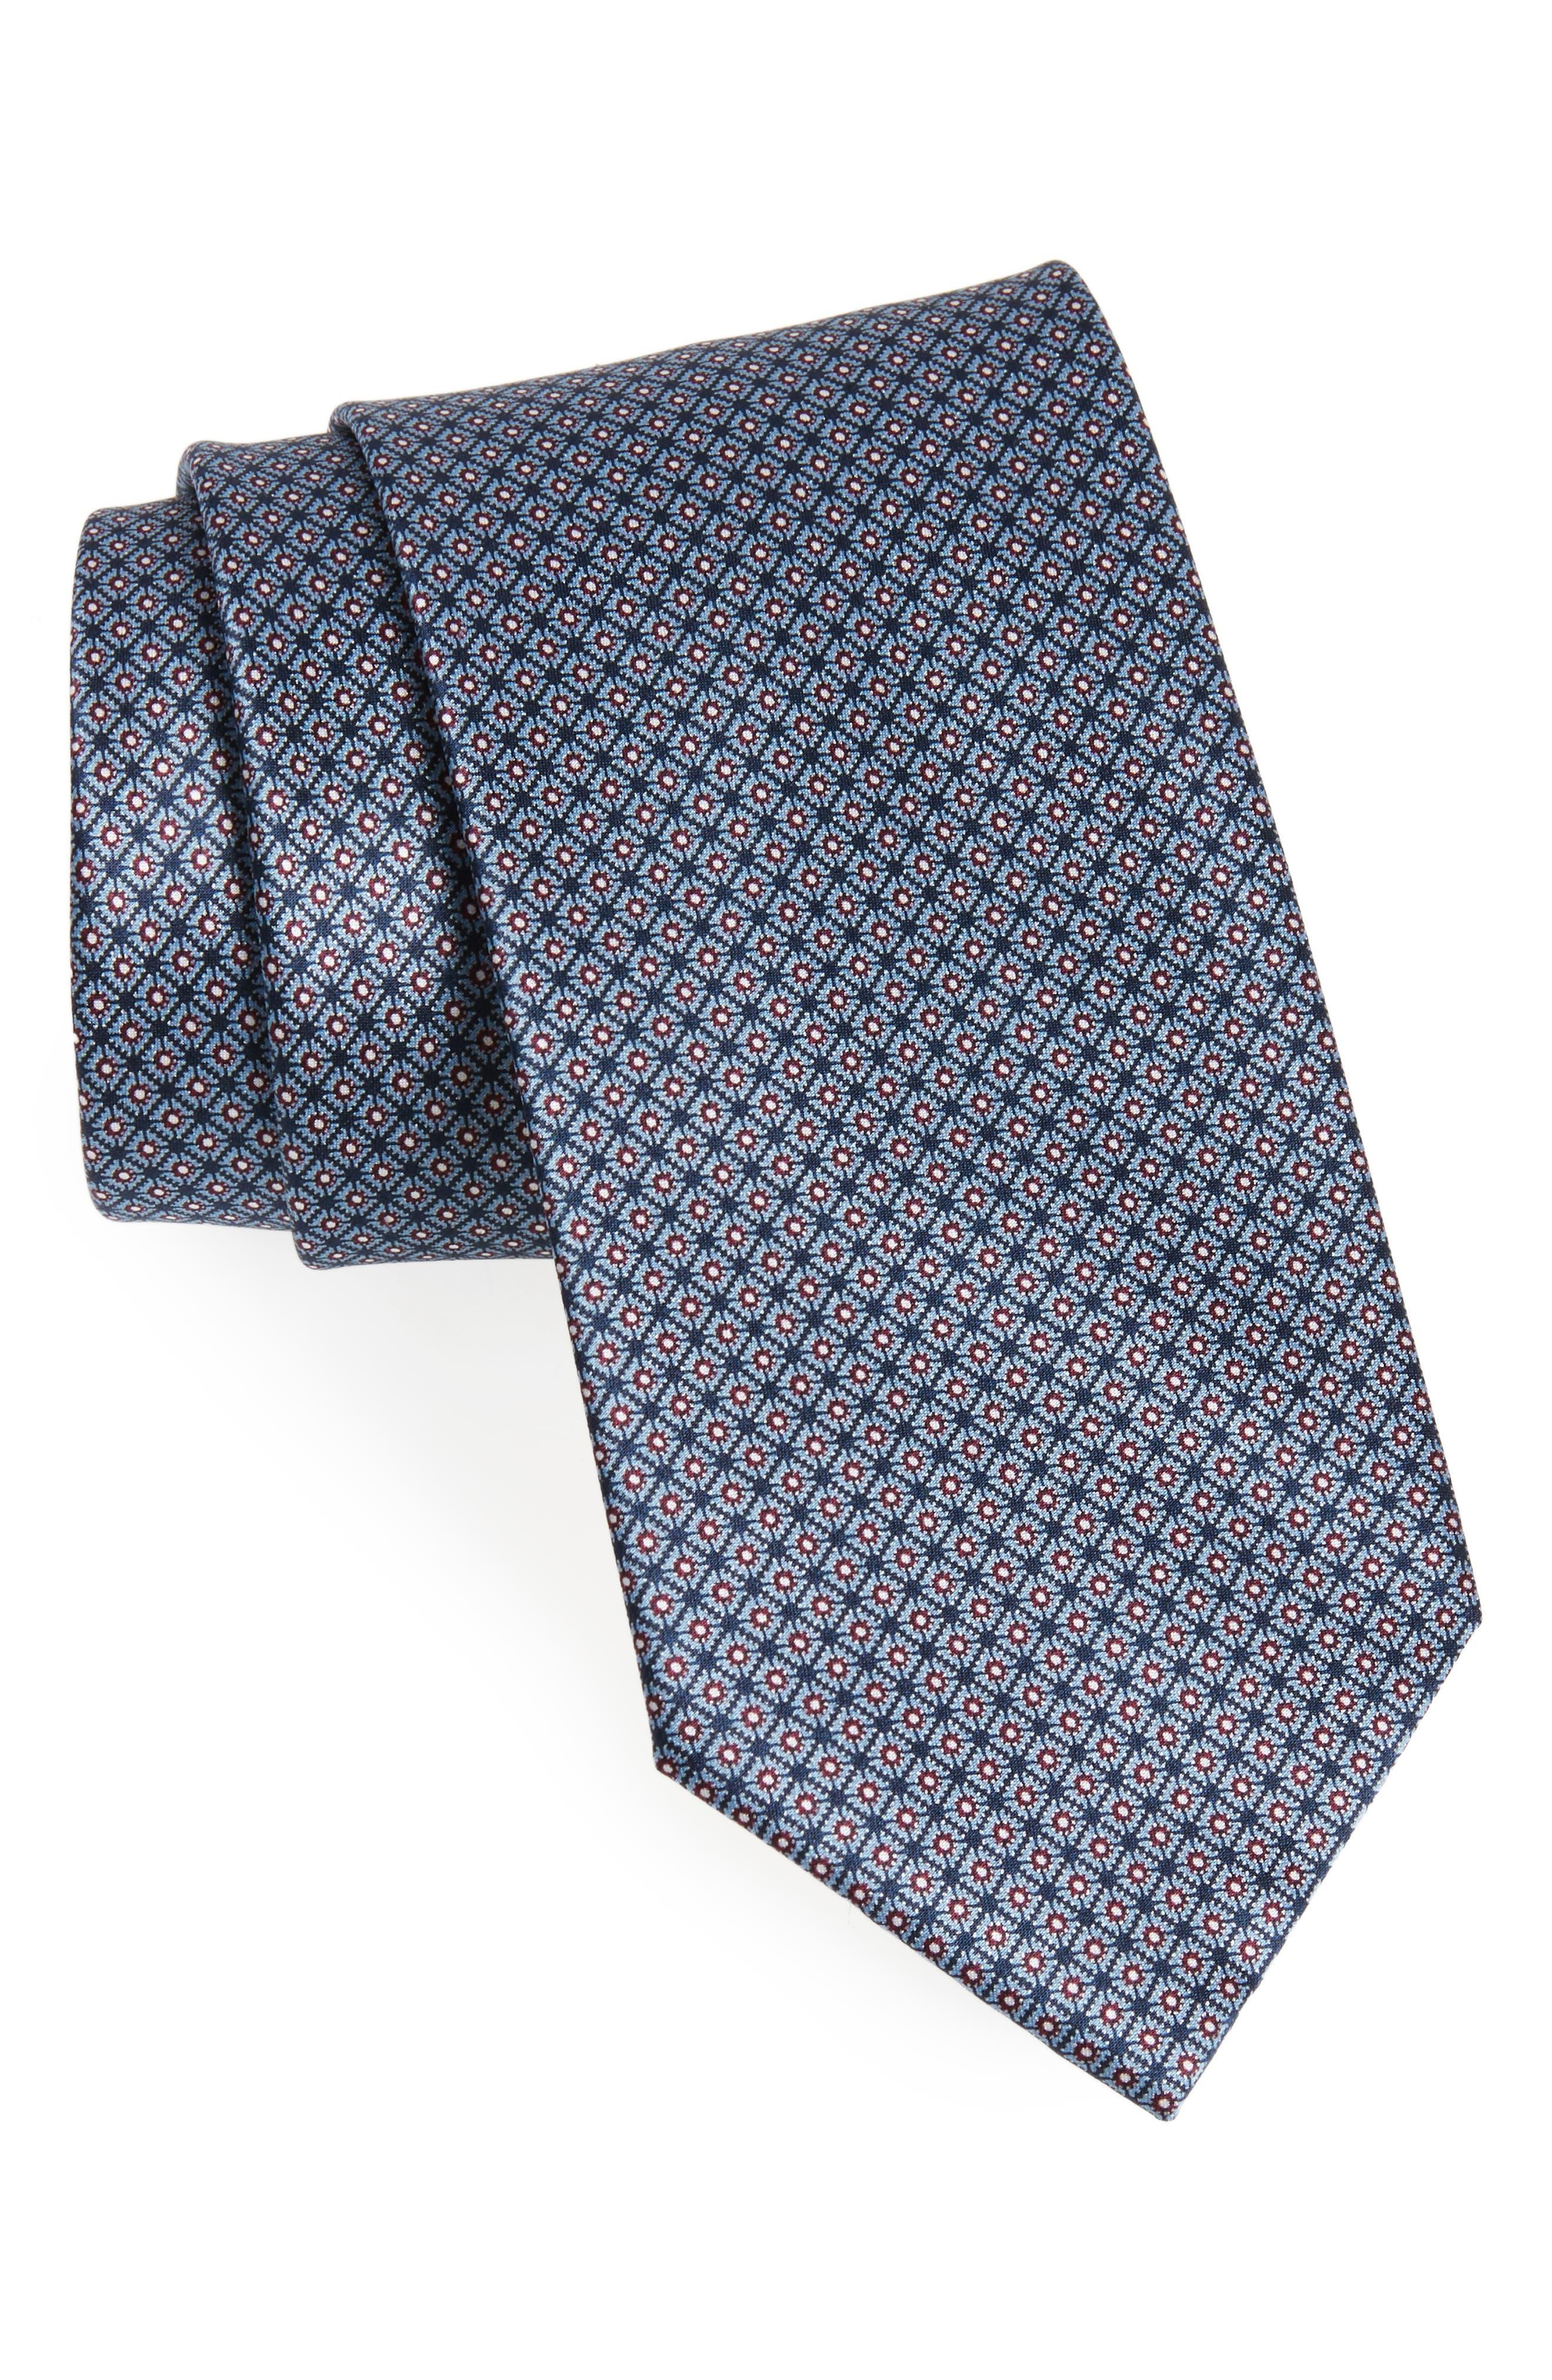 Neat Silk Tie,                         Main,                         color, Blue